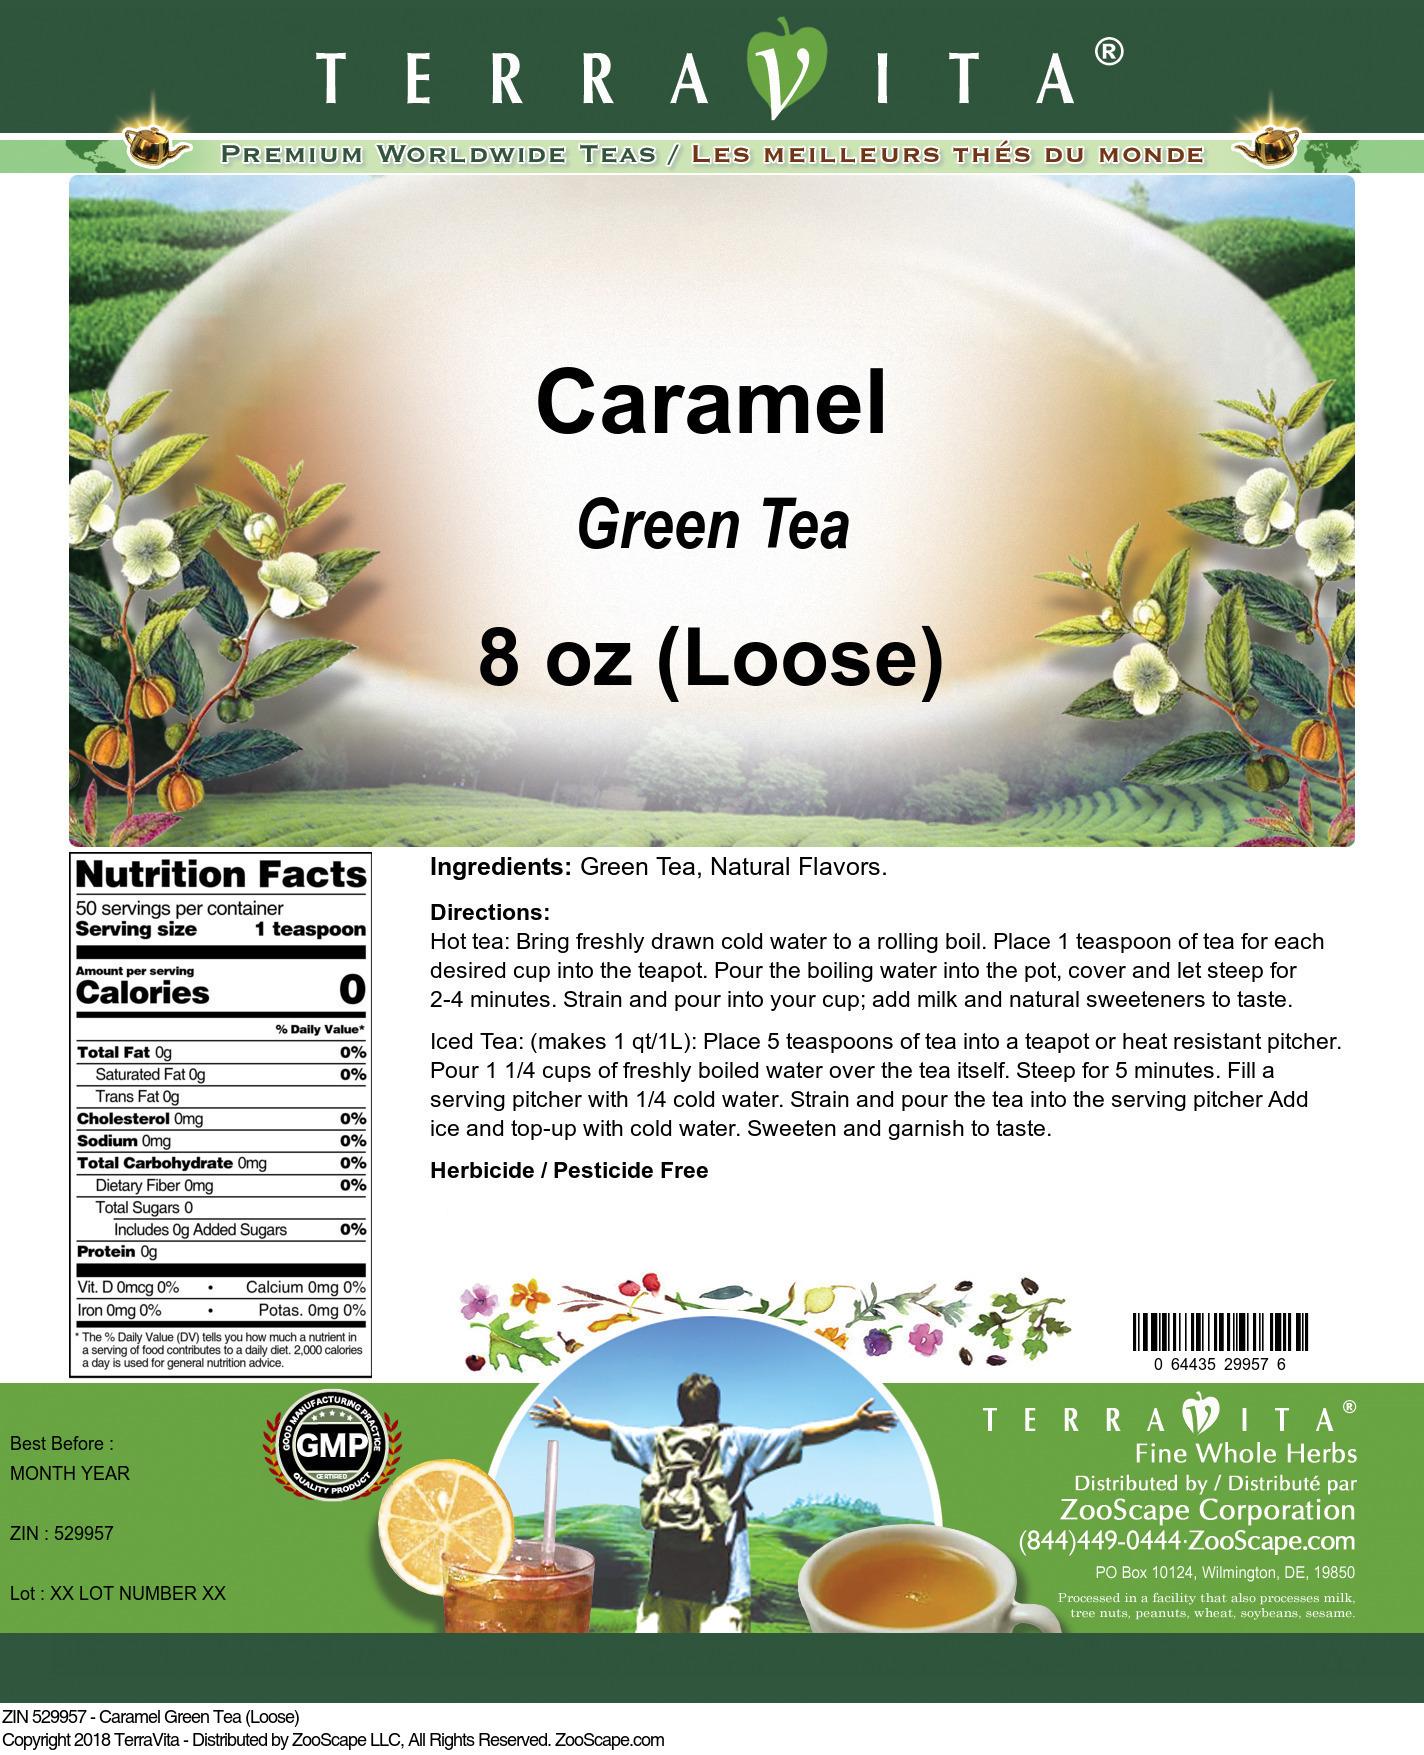 Caramel Green Tea (Loose)